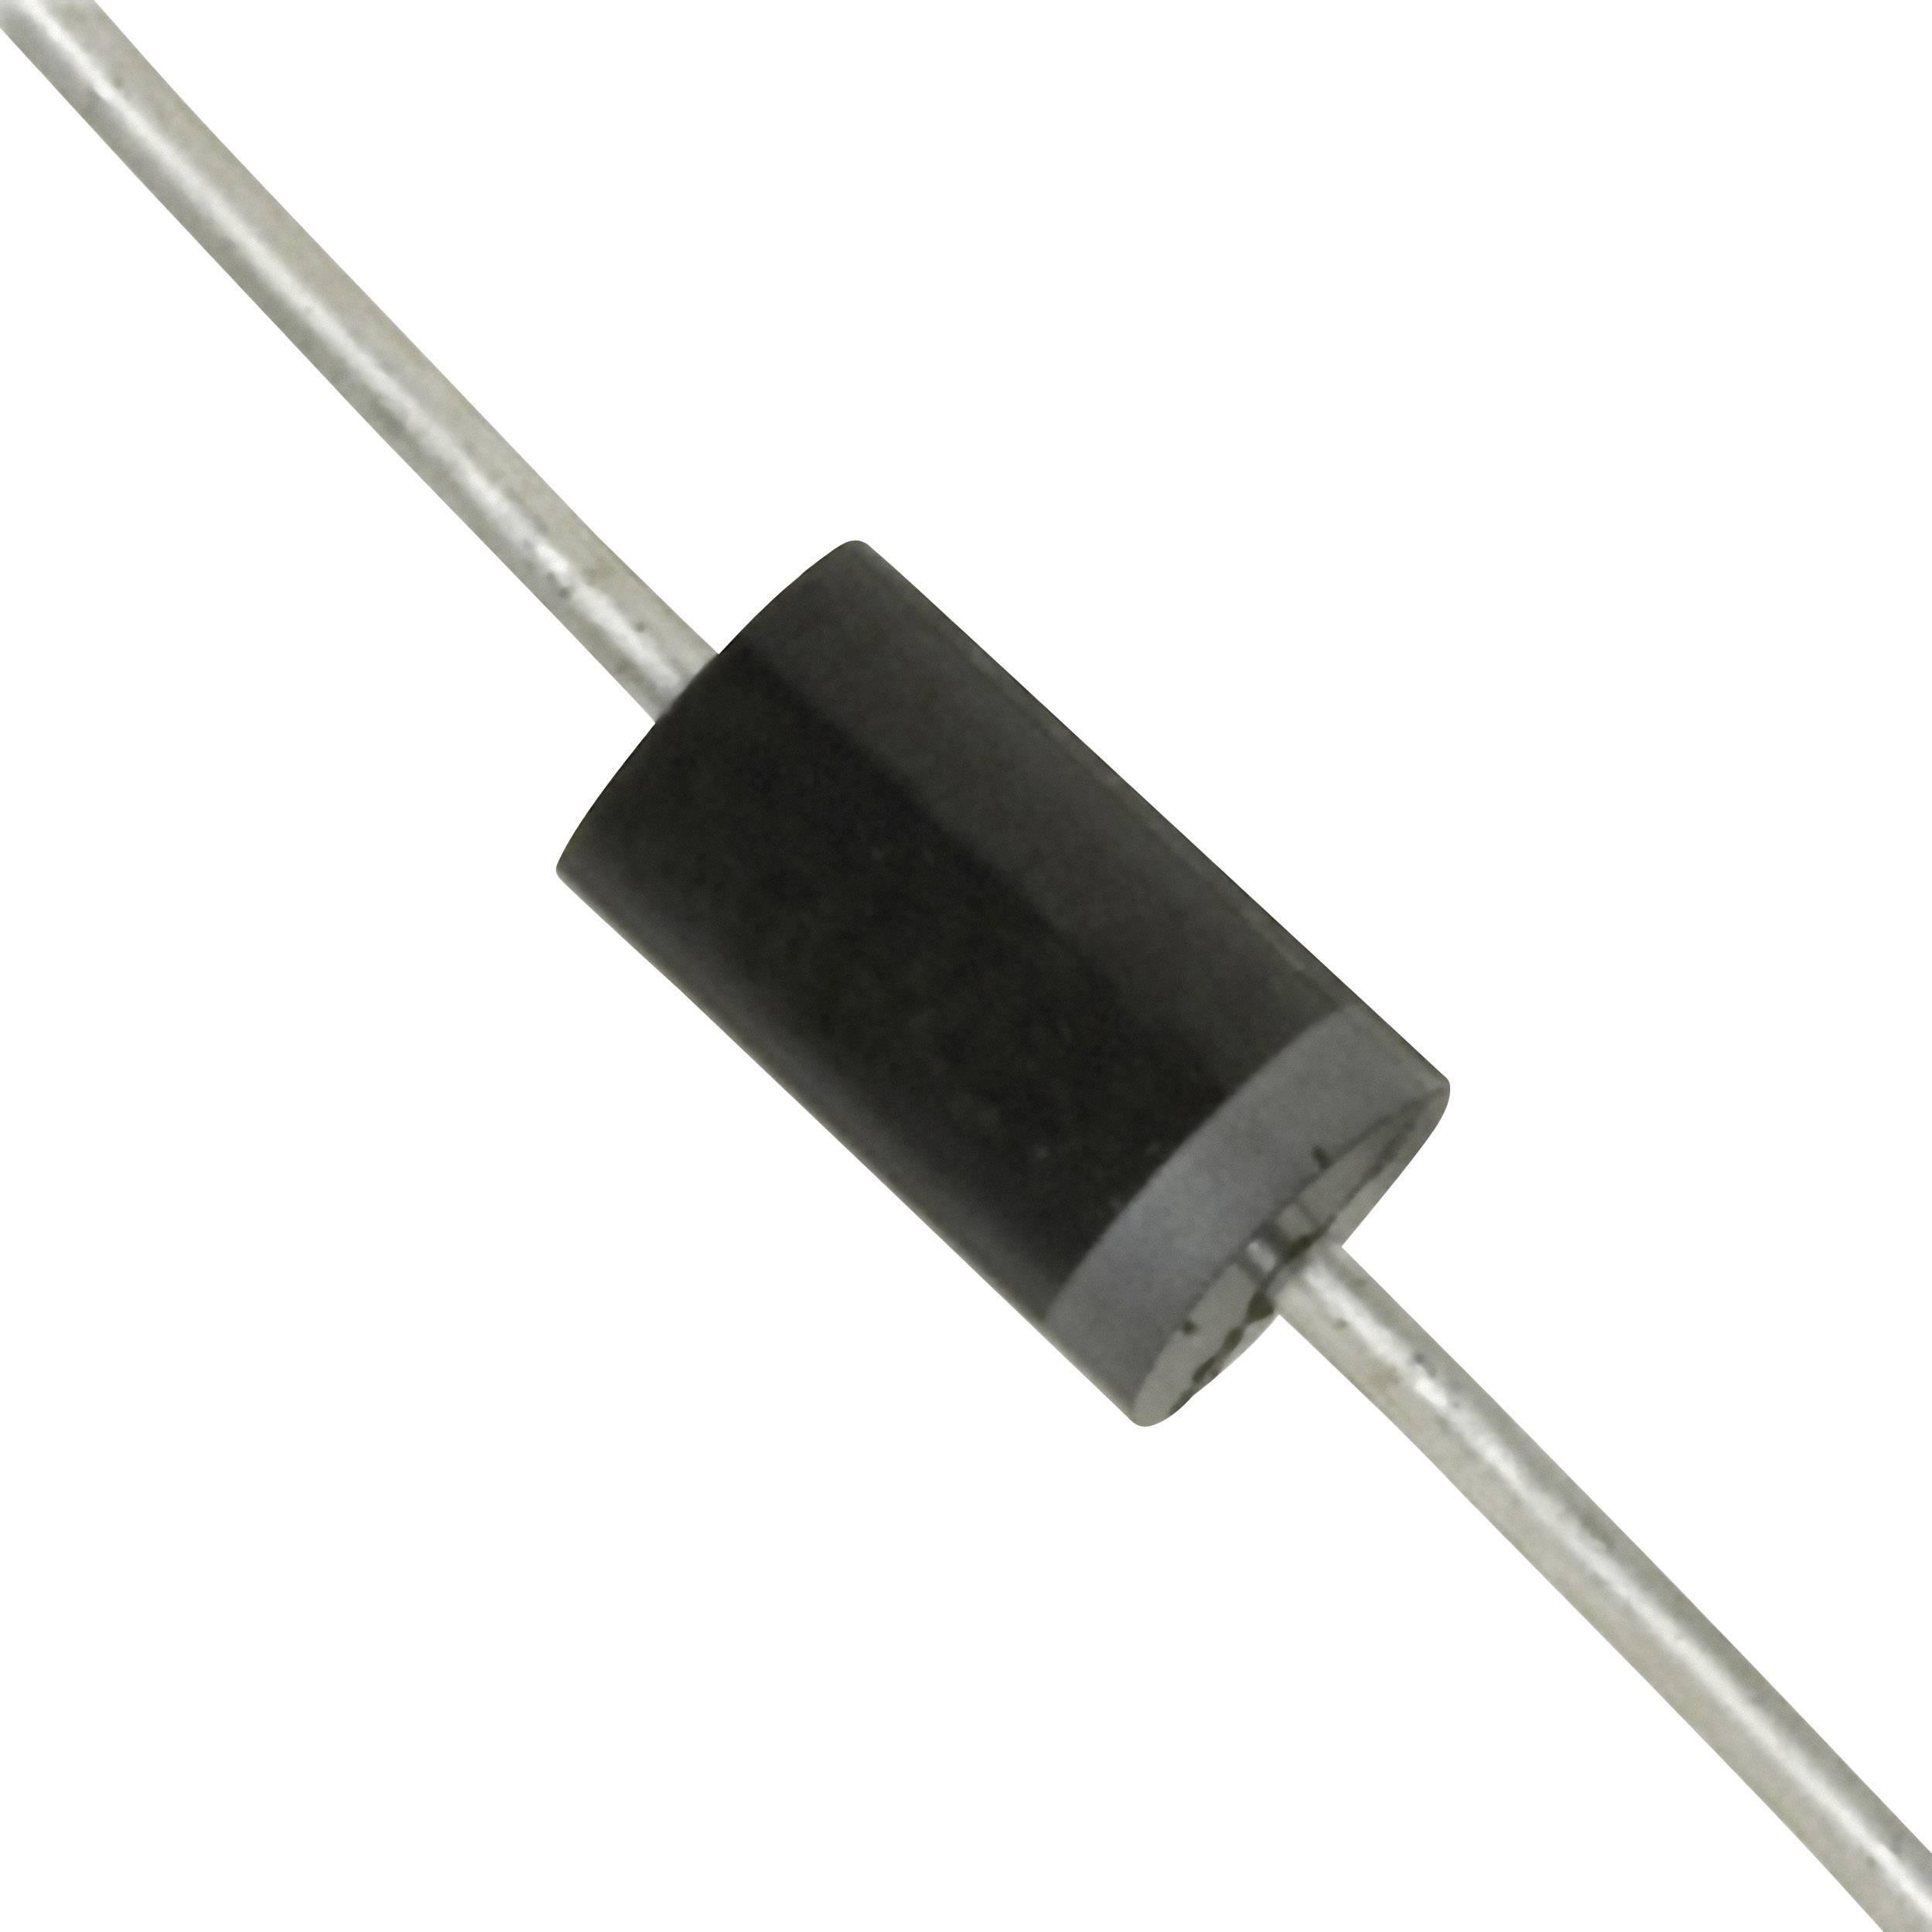 Zenerova dioda Diotec ZPD 10 V, 500 mW, DO 35 P